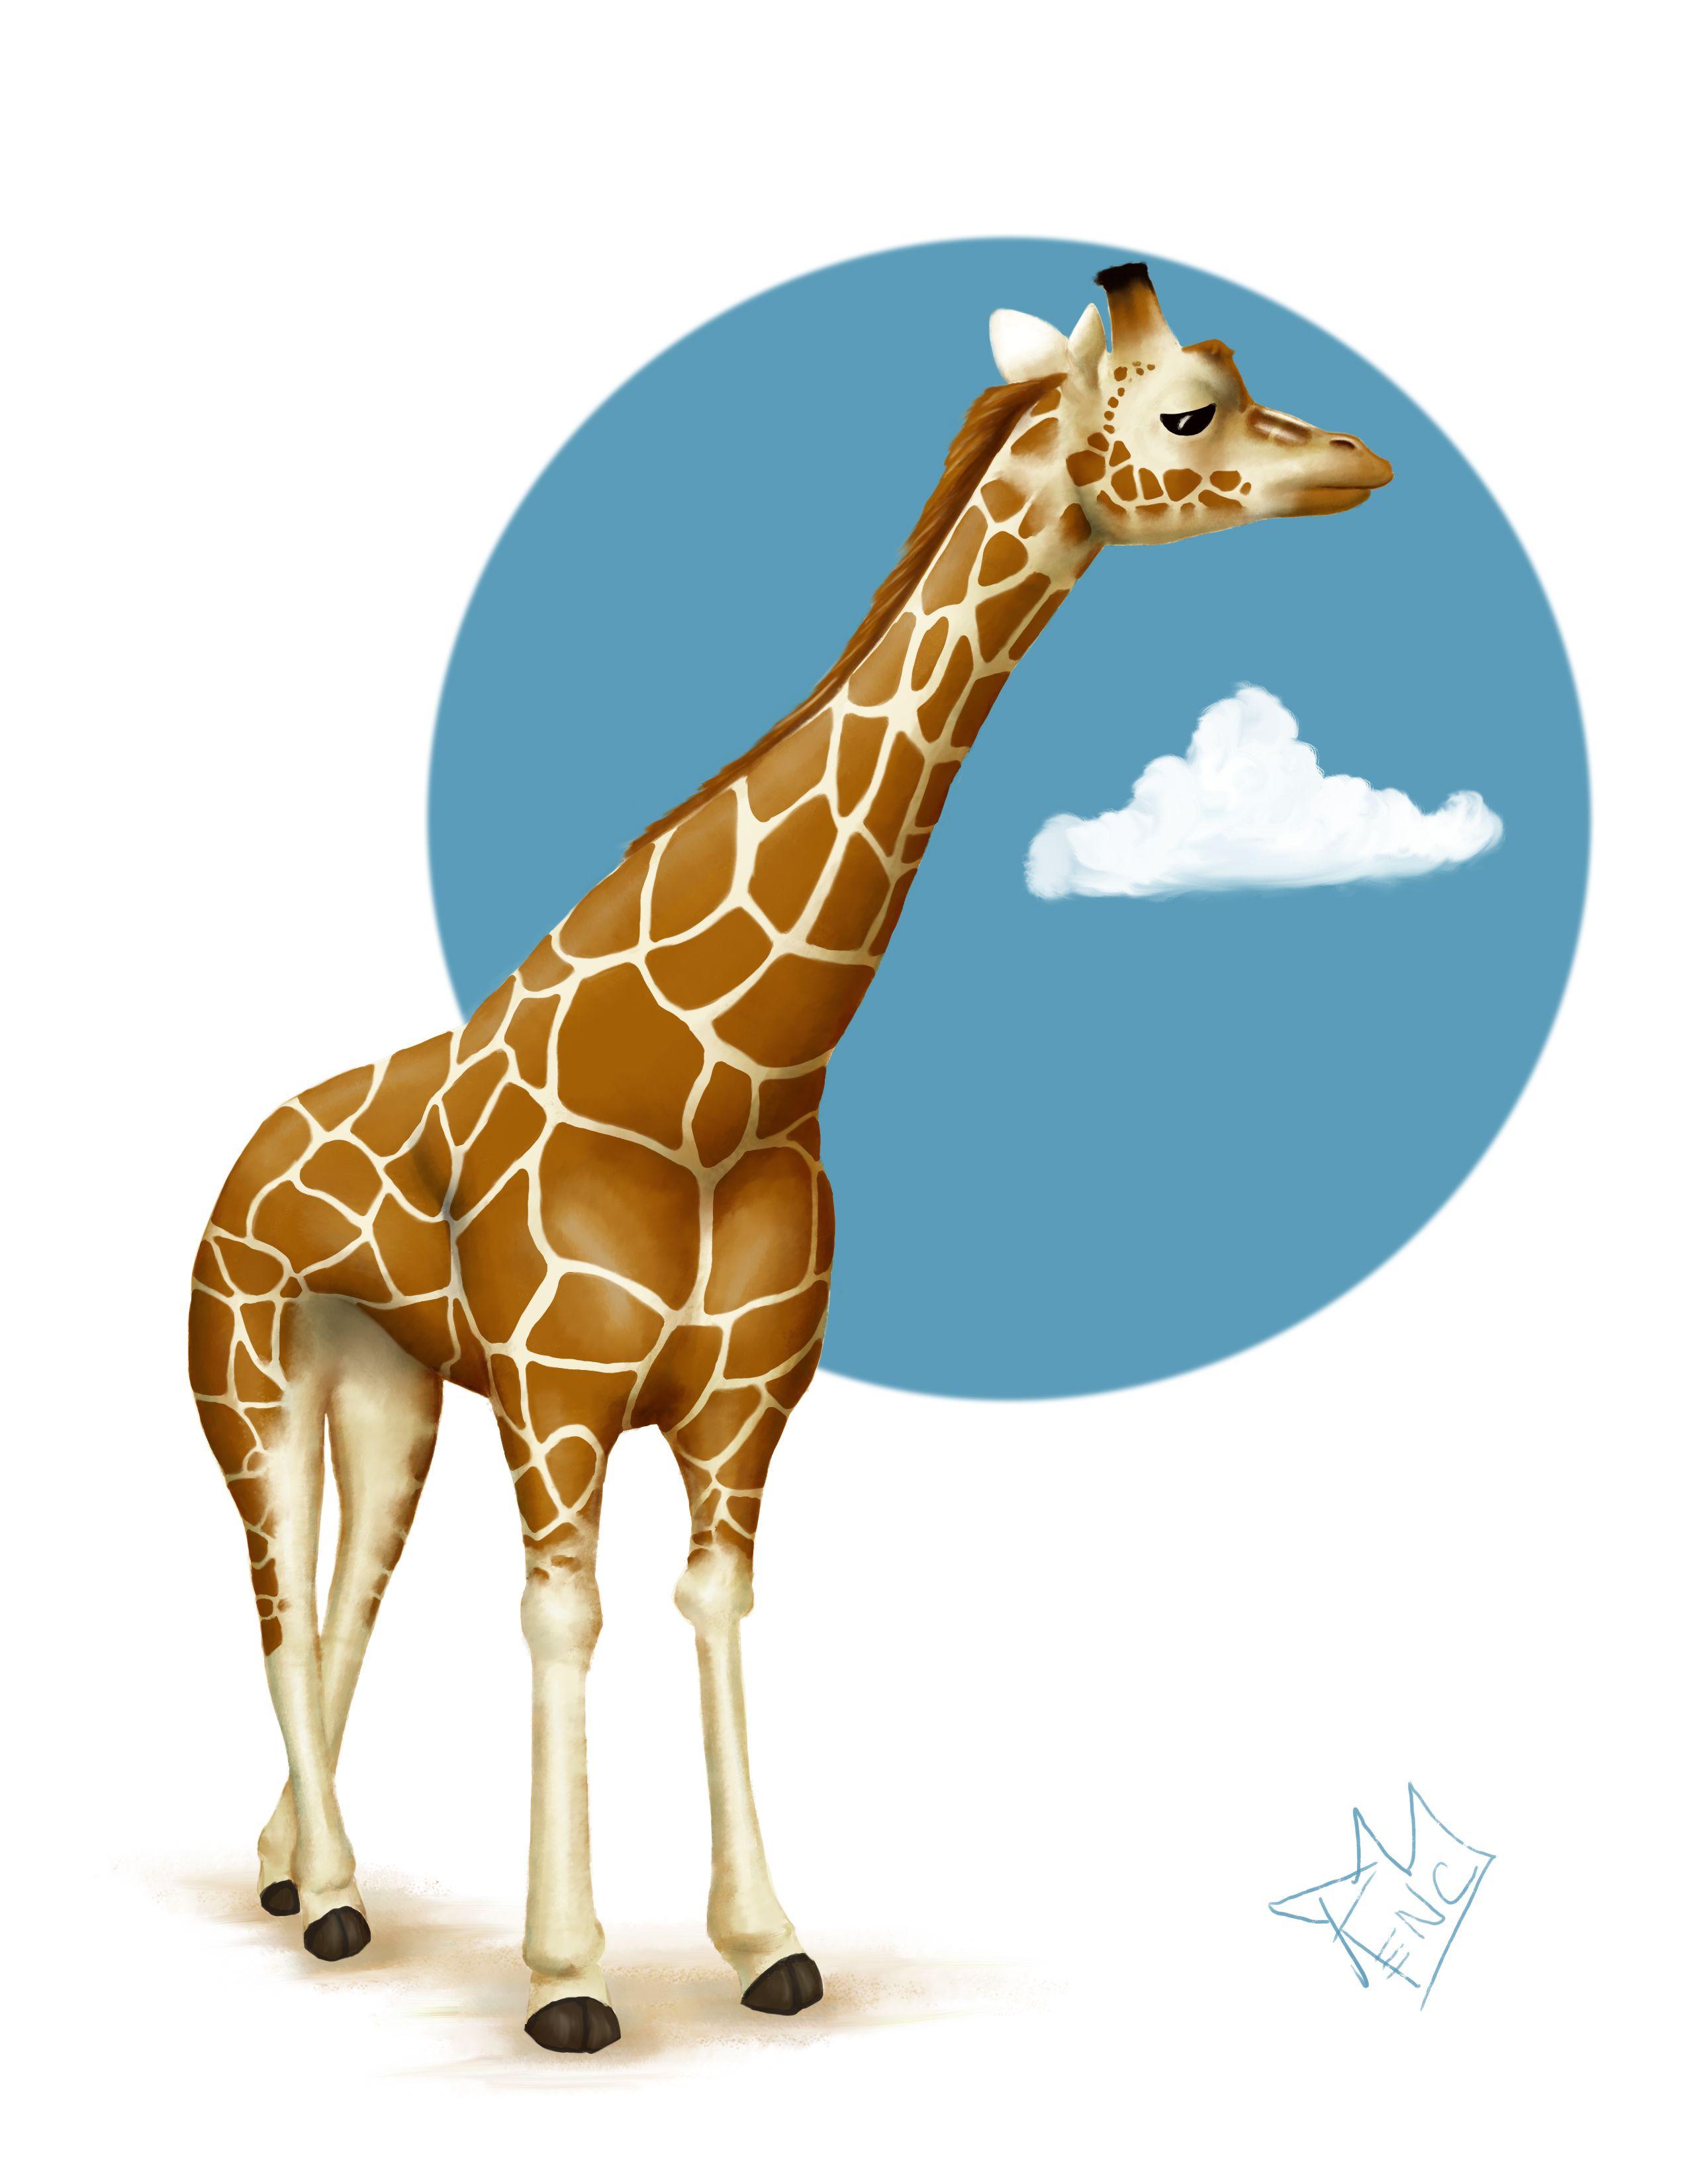 жираф картинка с надписью поняли фотограф